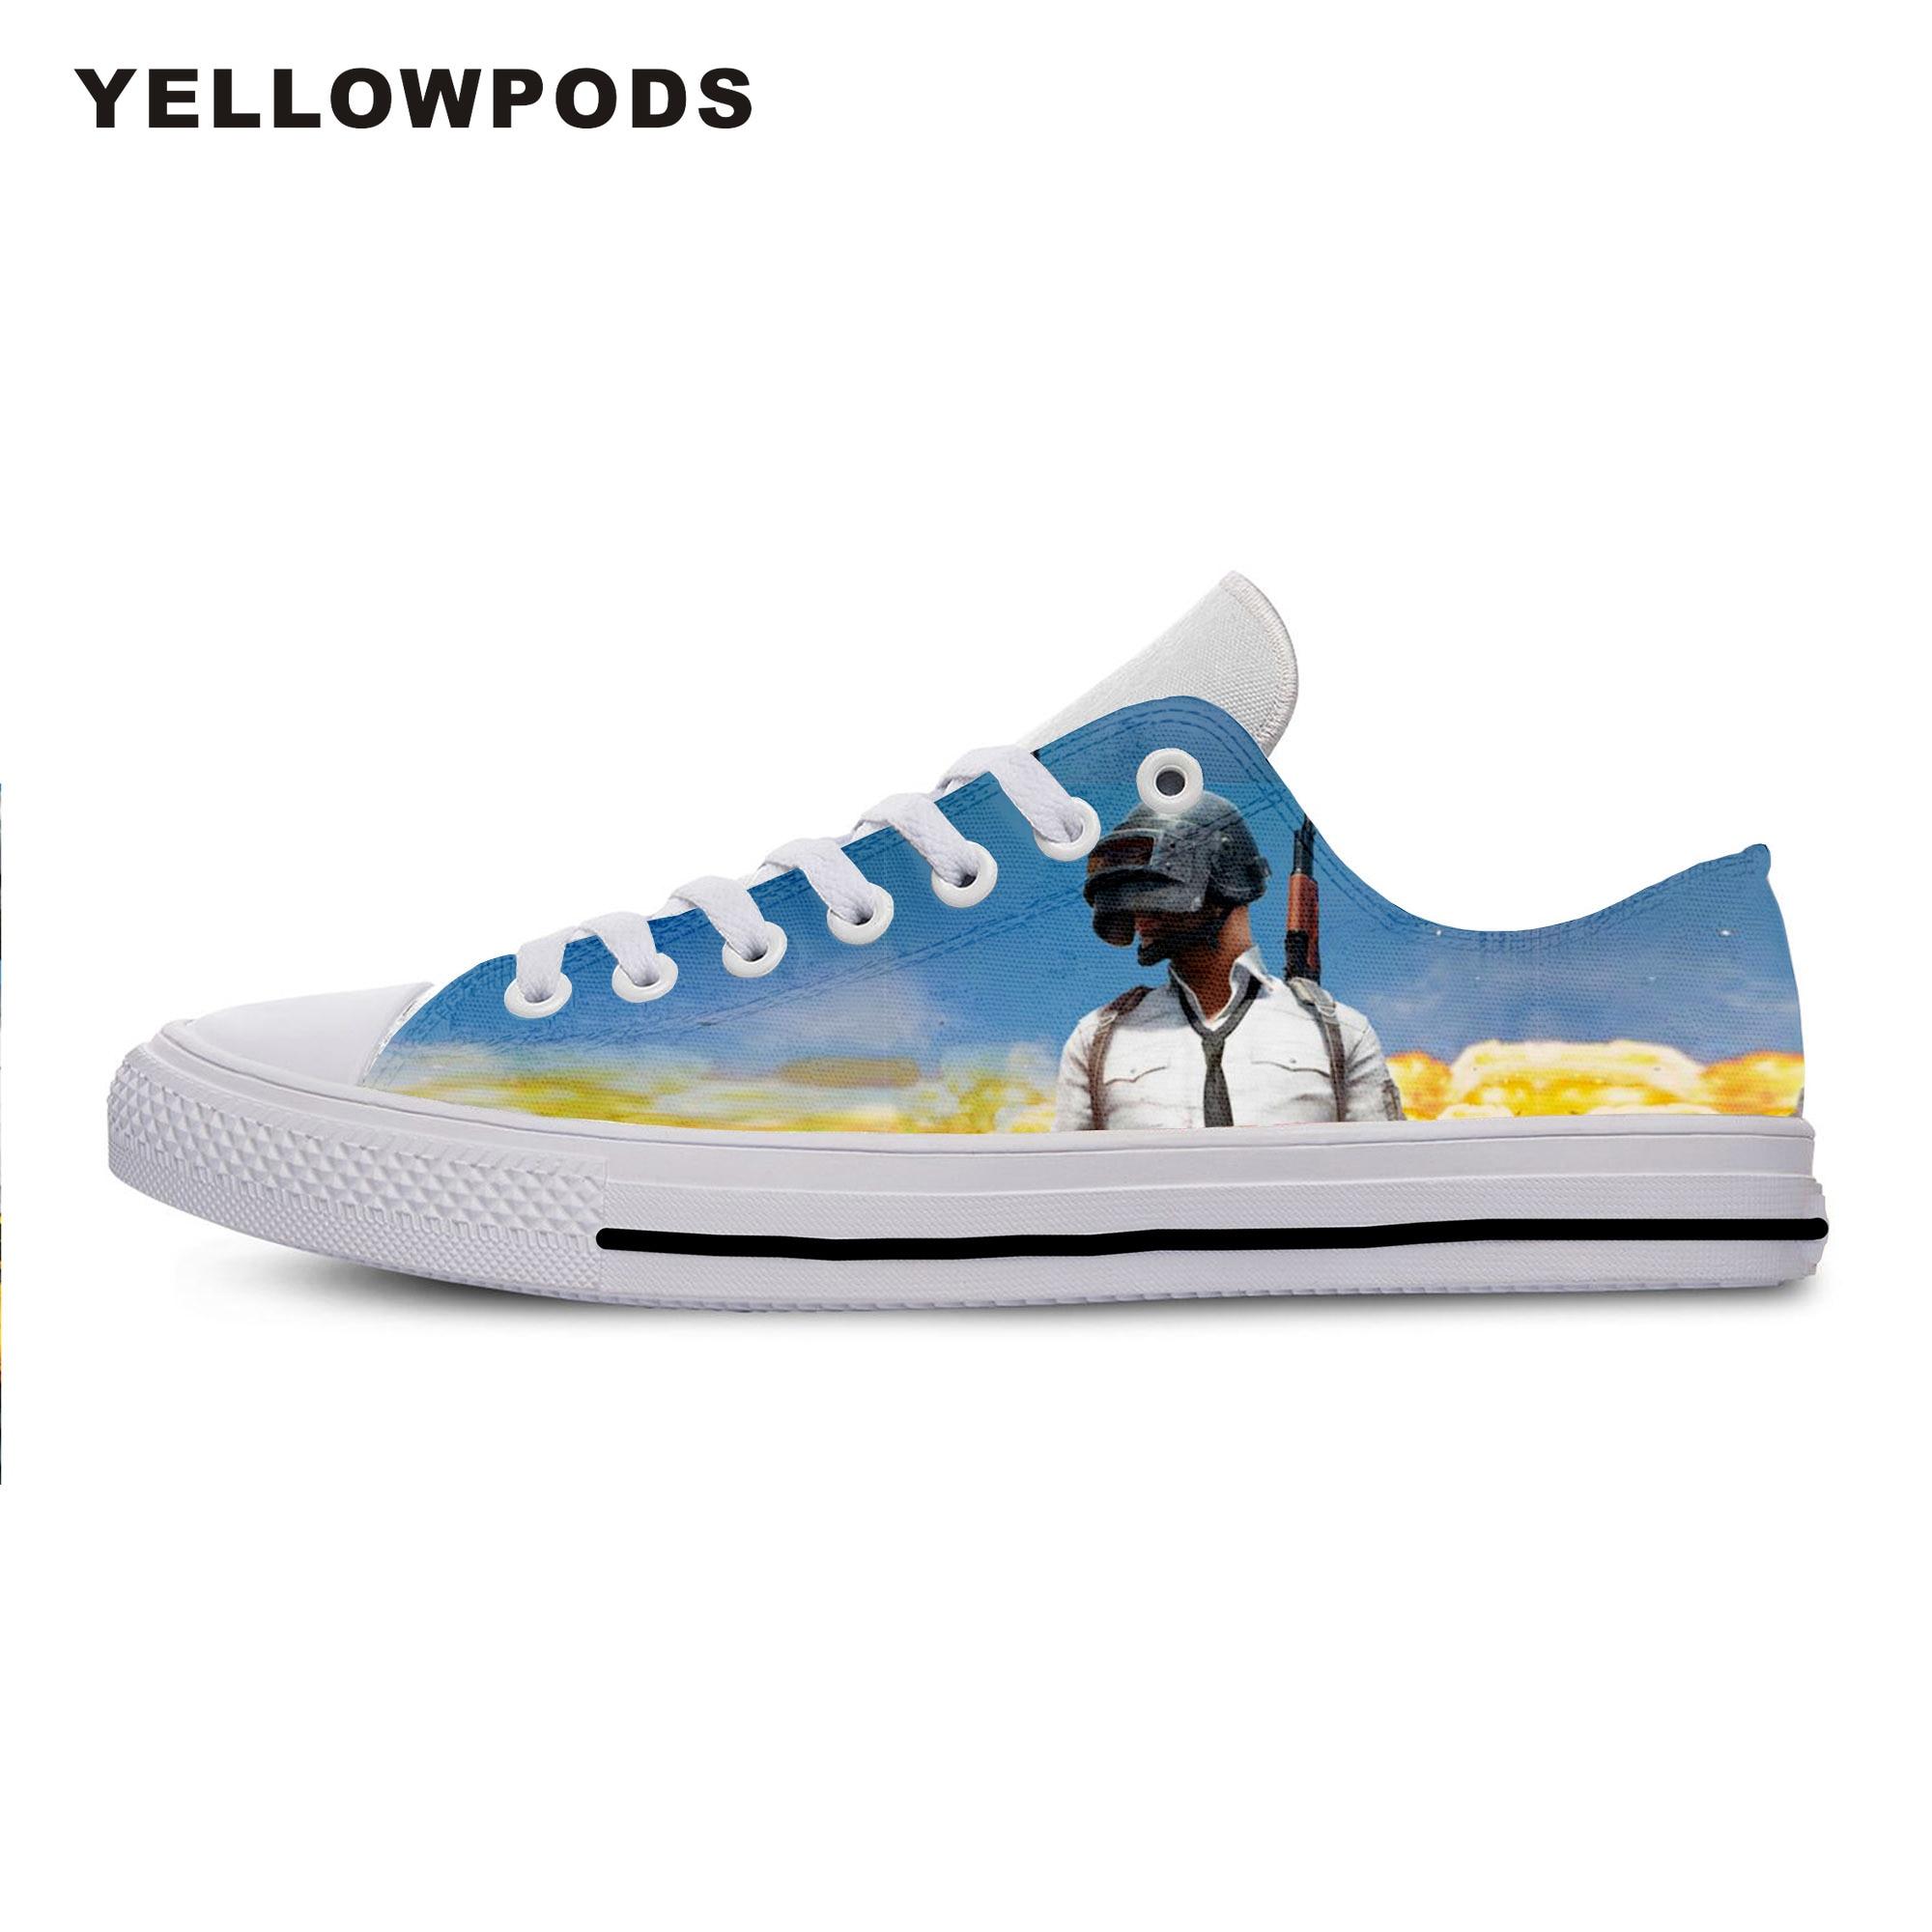 Мужская повседневная обувь; Лидер продаж; Неизвестная обувь на поле битвы; Высокое качество; Harajukuing PUBG Man; Не кожаная обувь; Белые мужские туф...